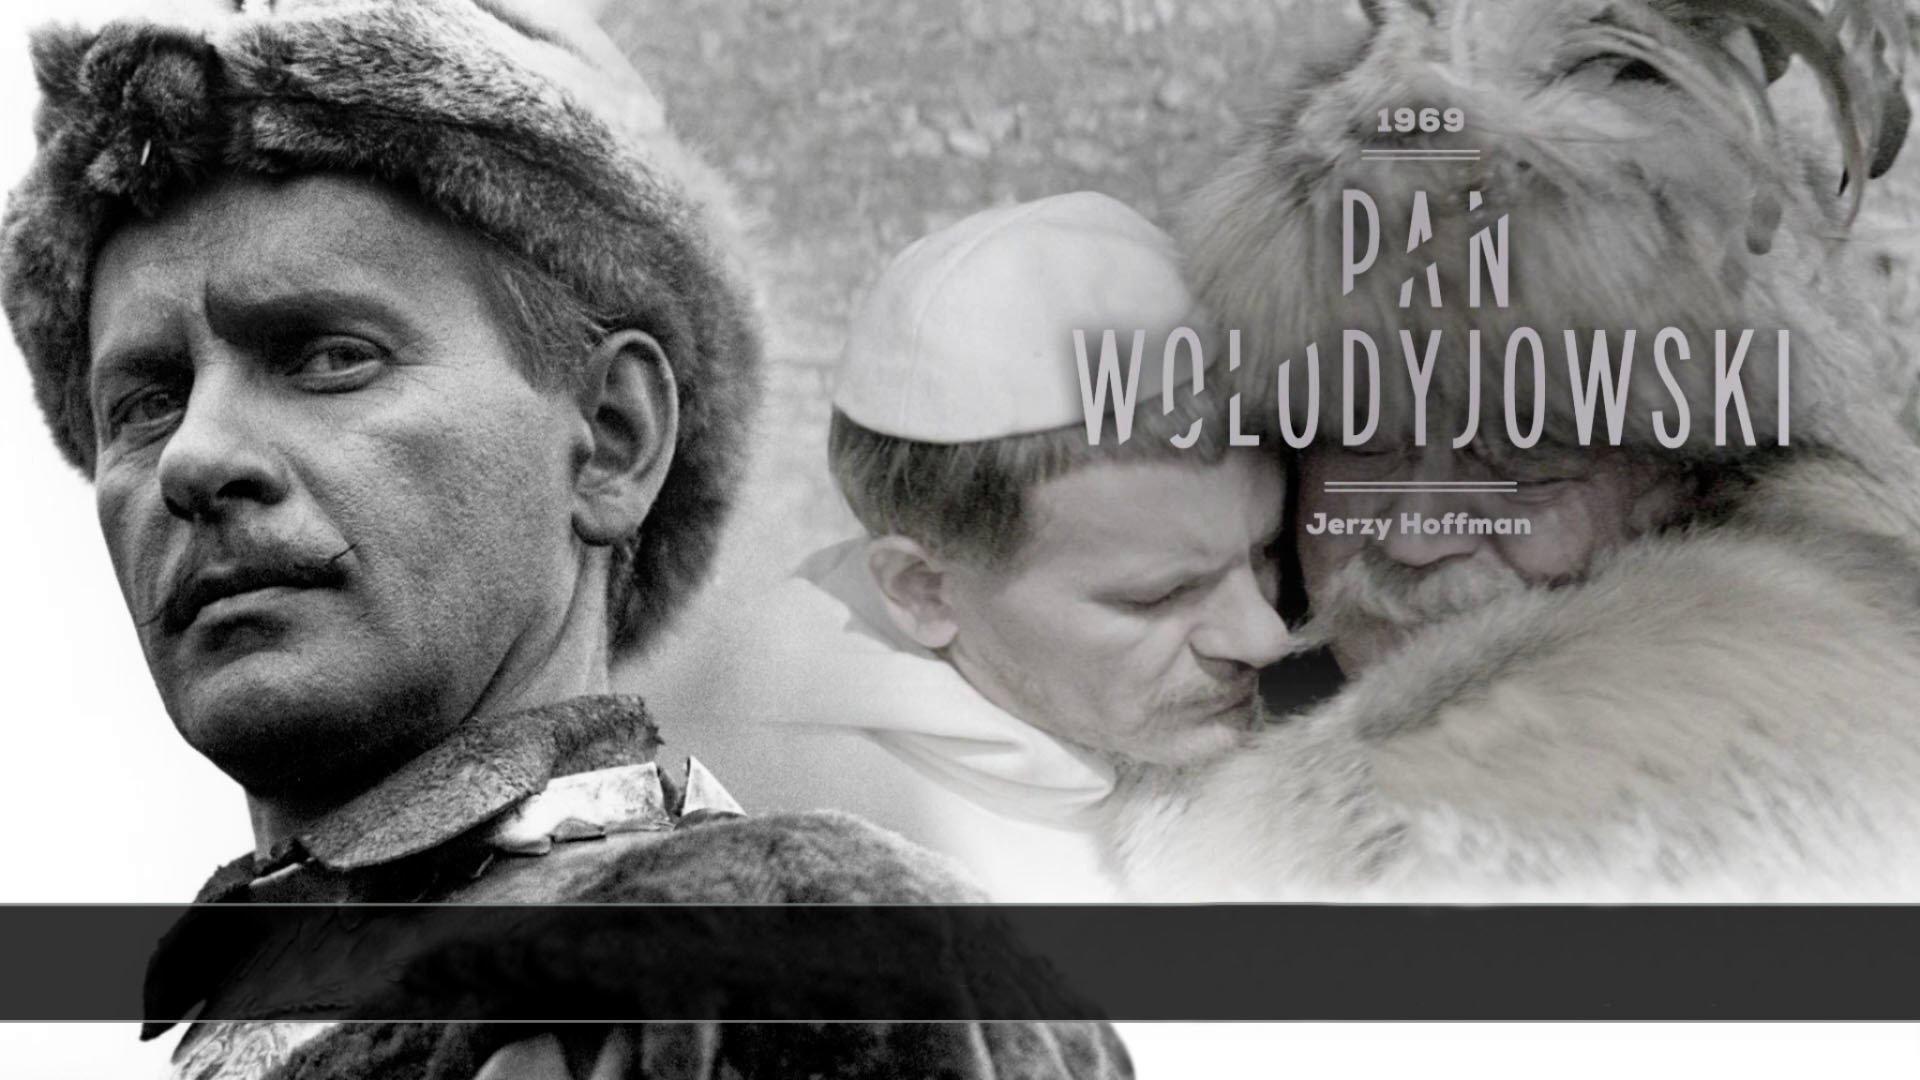 Пан Володыевский смотреть фото